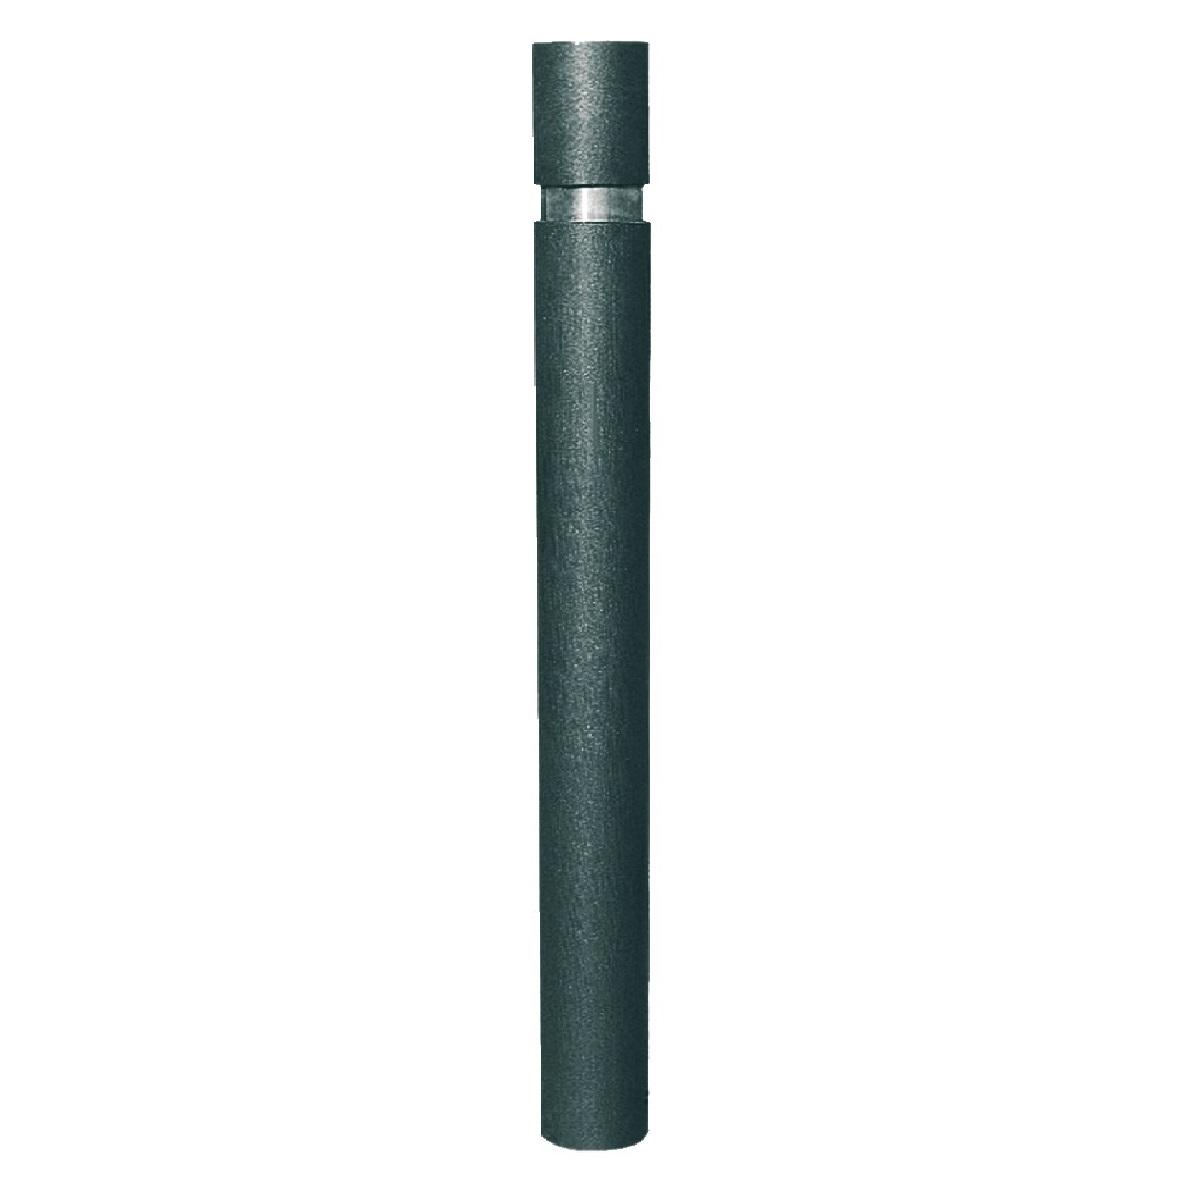 Pilona Barcelona 92 de 1000 mm de altura - C-43